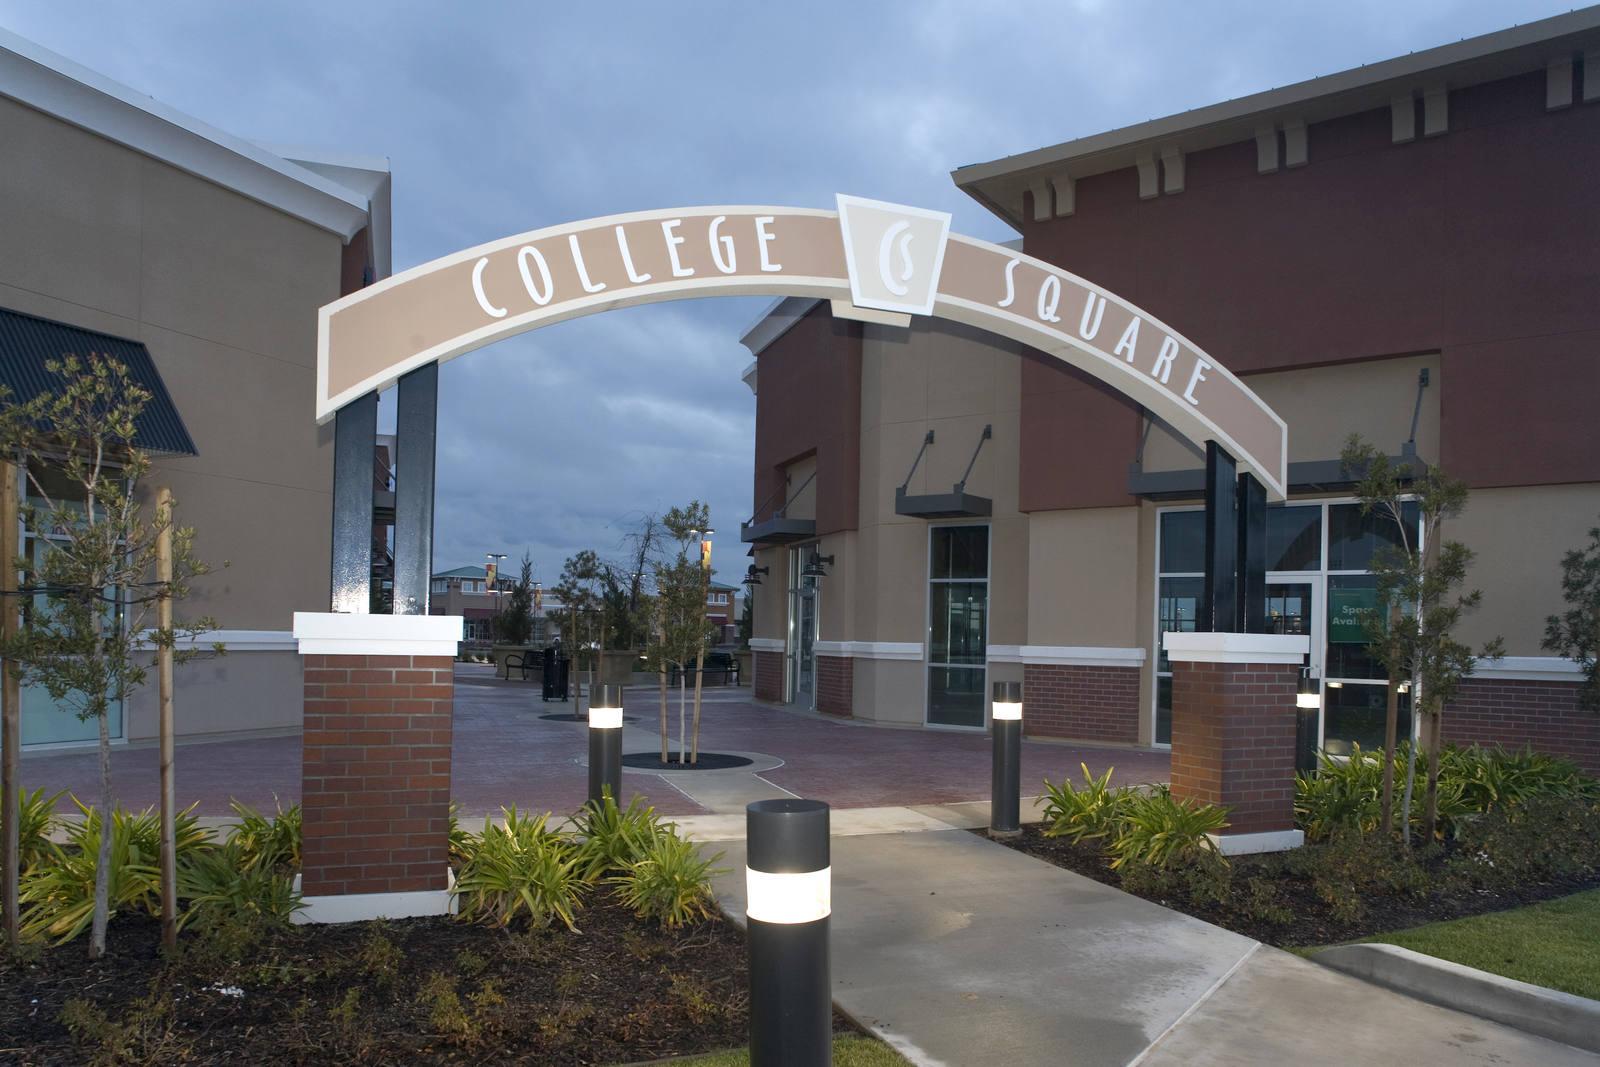 CBRE RetailCollege Square (the Shops at)7411 W Stockton Blvd  Photo